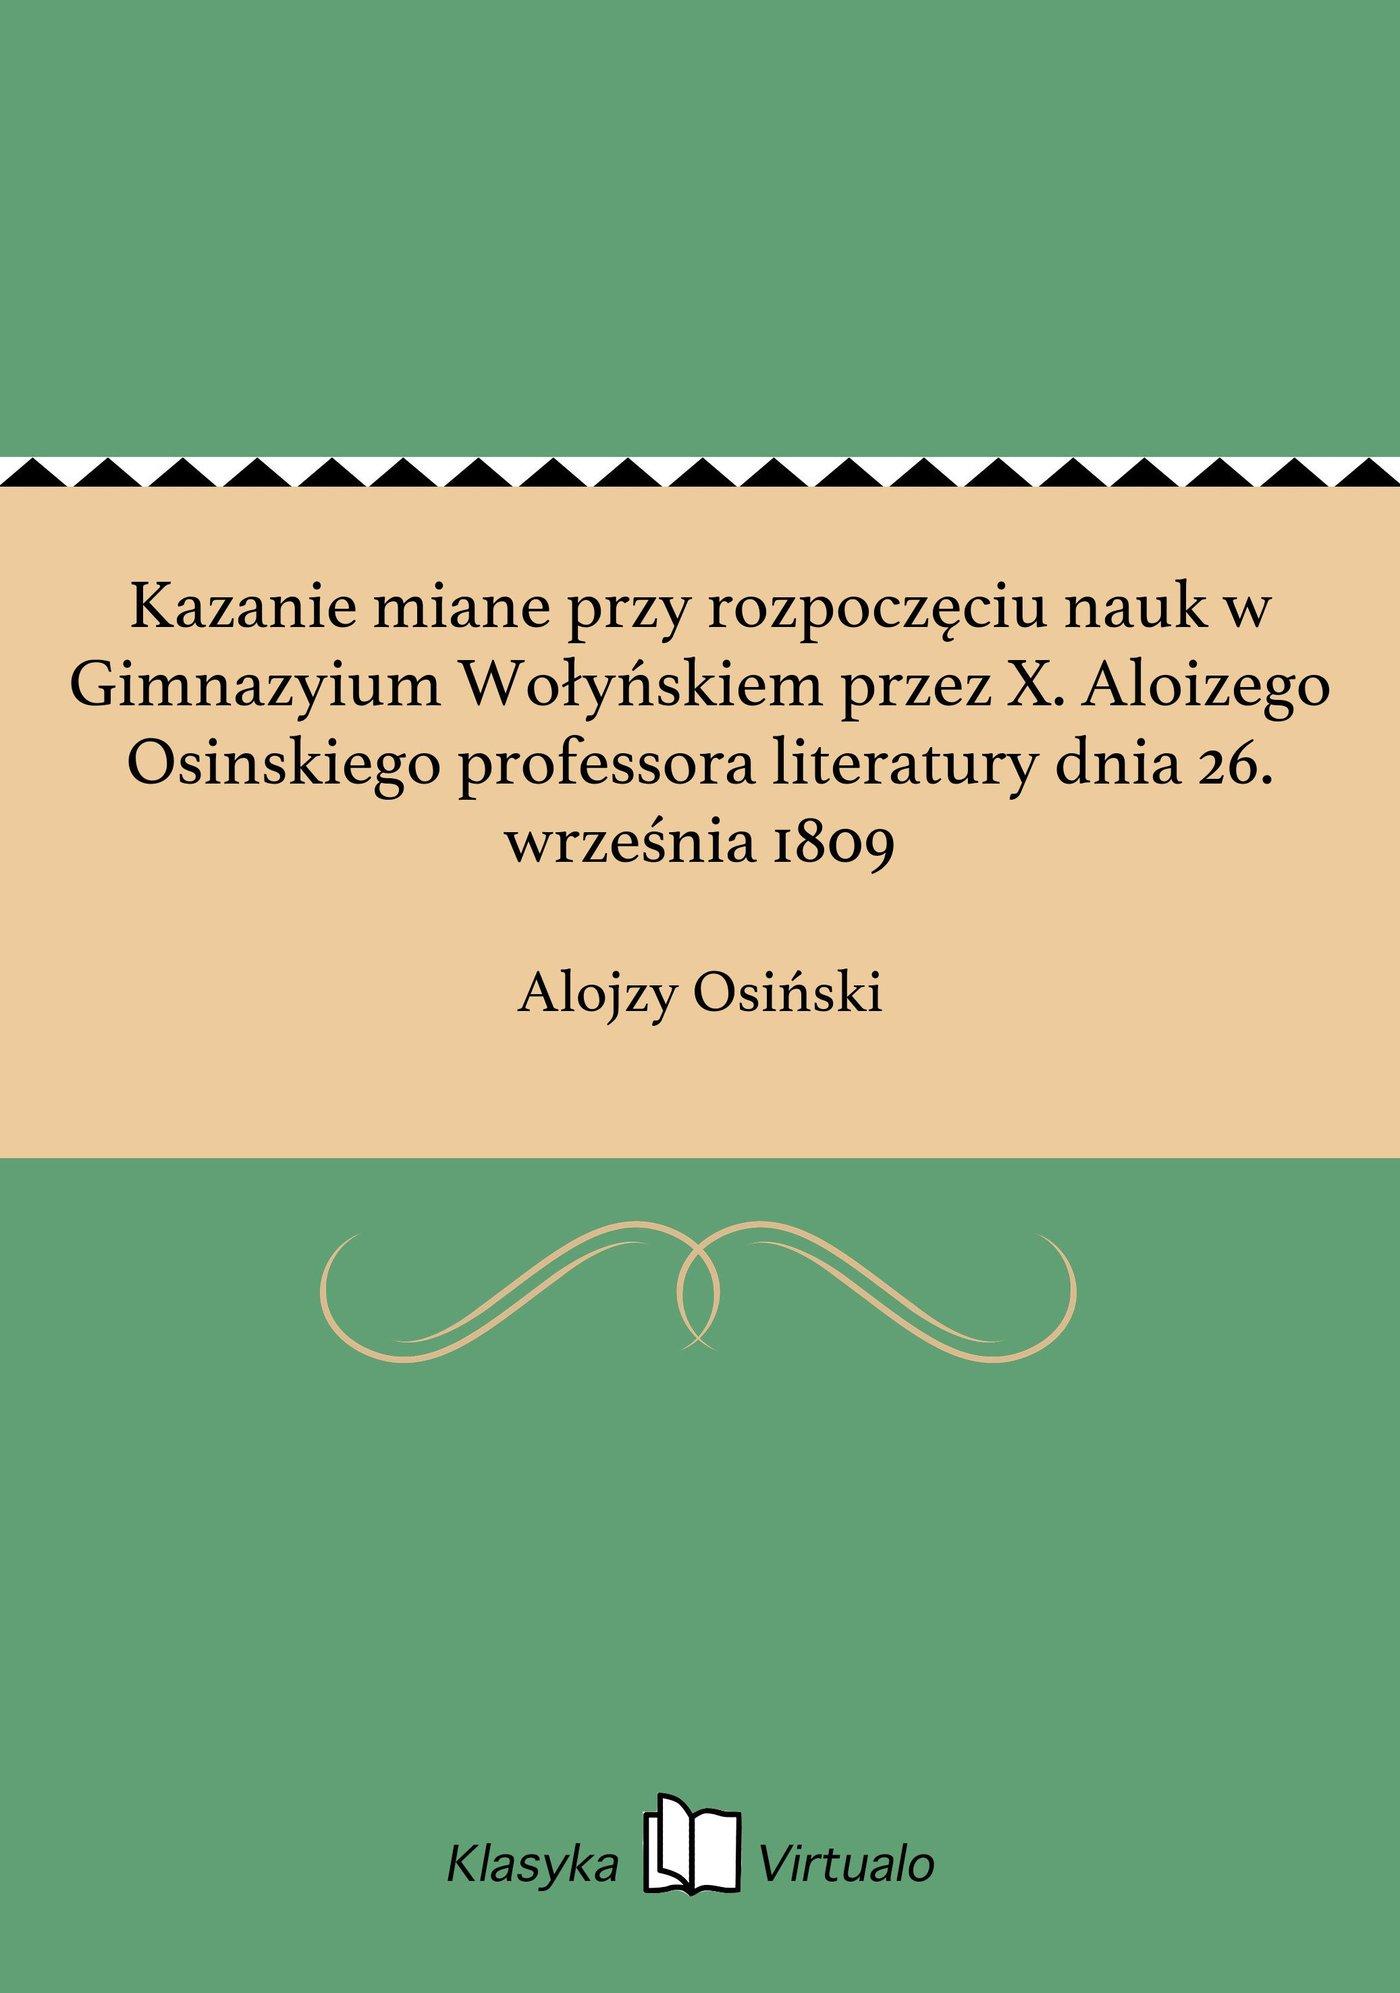 Kazanie miane przy rozpoczęciu nauk w Gimnazyium Wołyńskiem przez X. Aloizego Osinskiego professora literatury dnia 26. września 1809 - Ebook (Książka EPUB) do pobrania w formacie EPUB